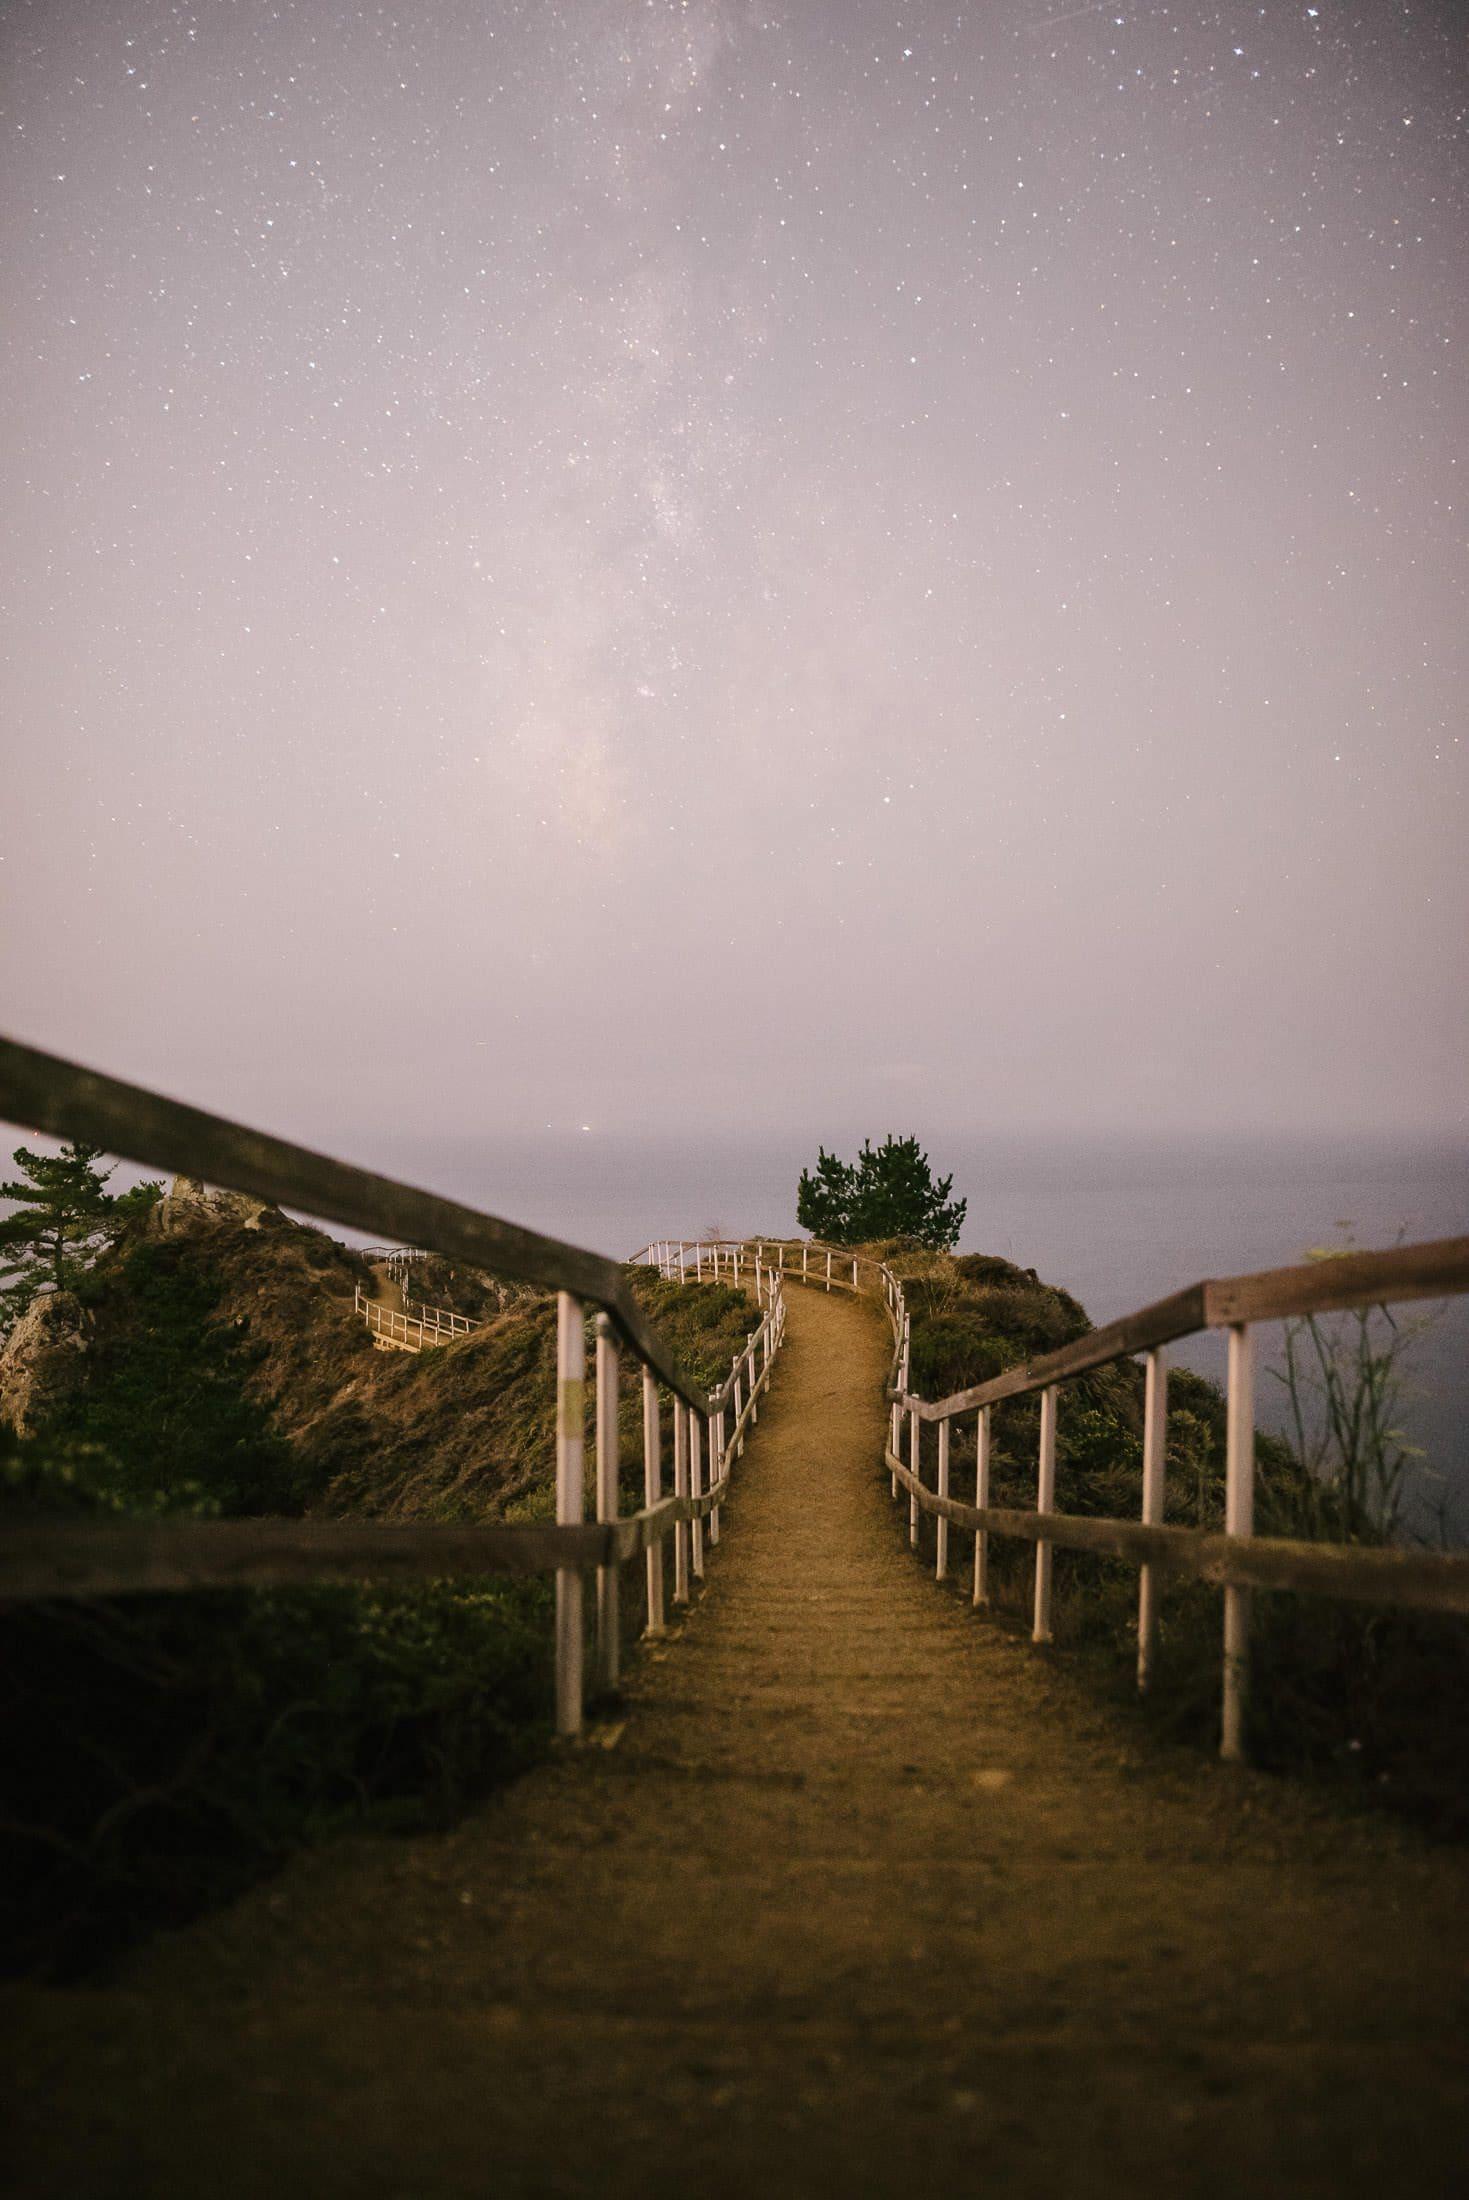 Muir Beach Outlook Night Photography